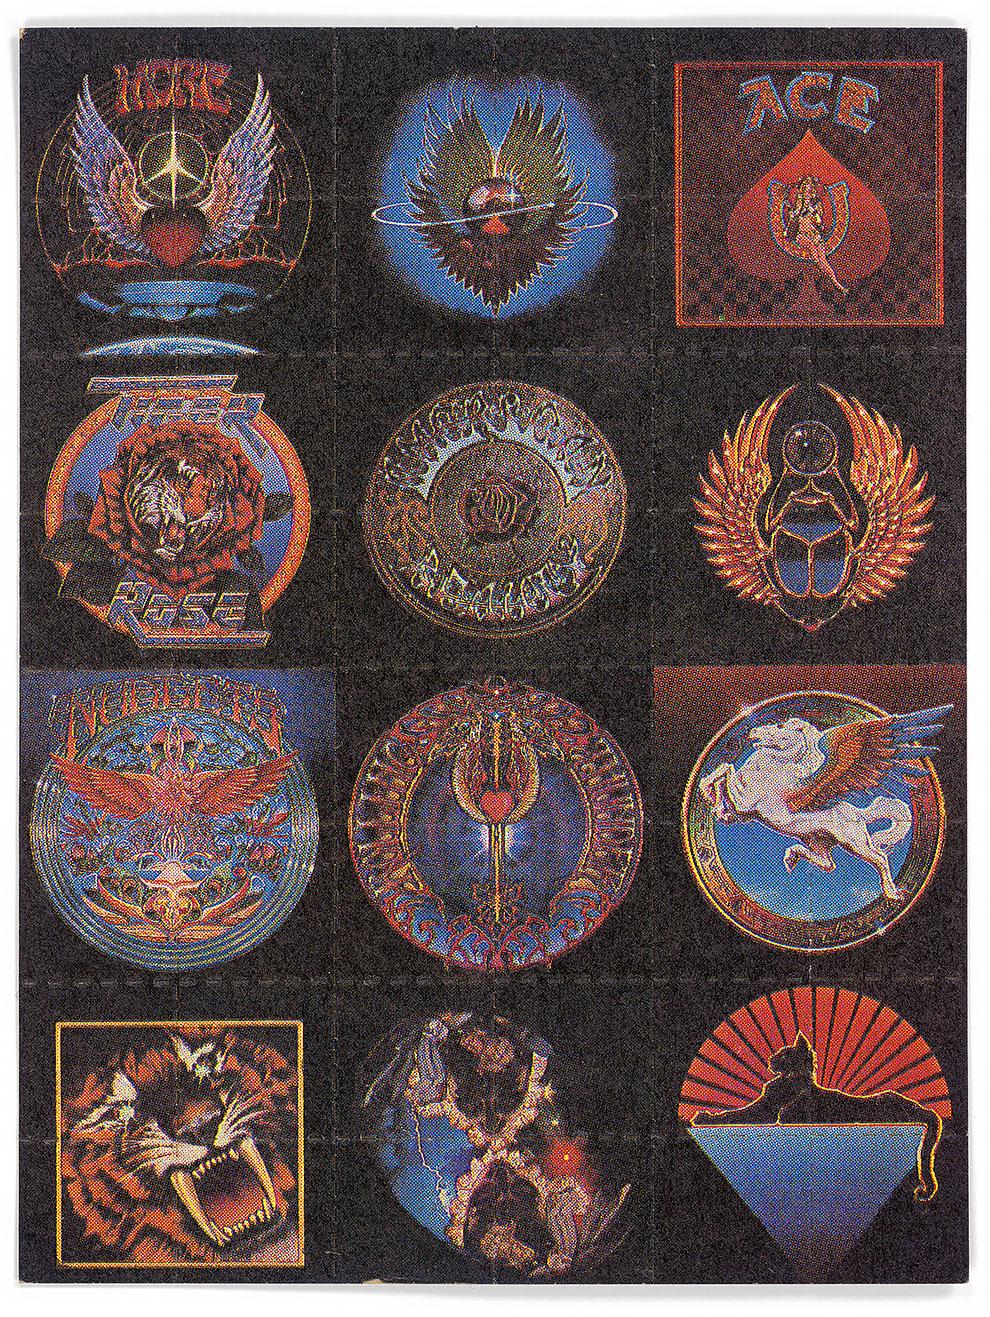 גלויות אסיד LSD אלבומי גרייטפול דד